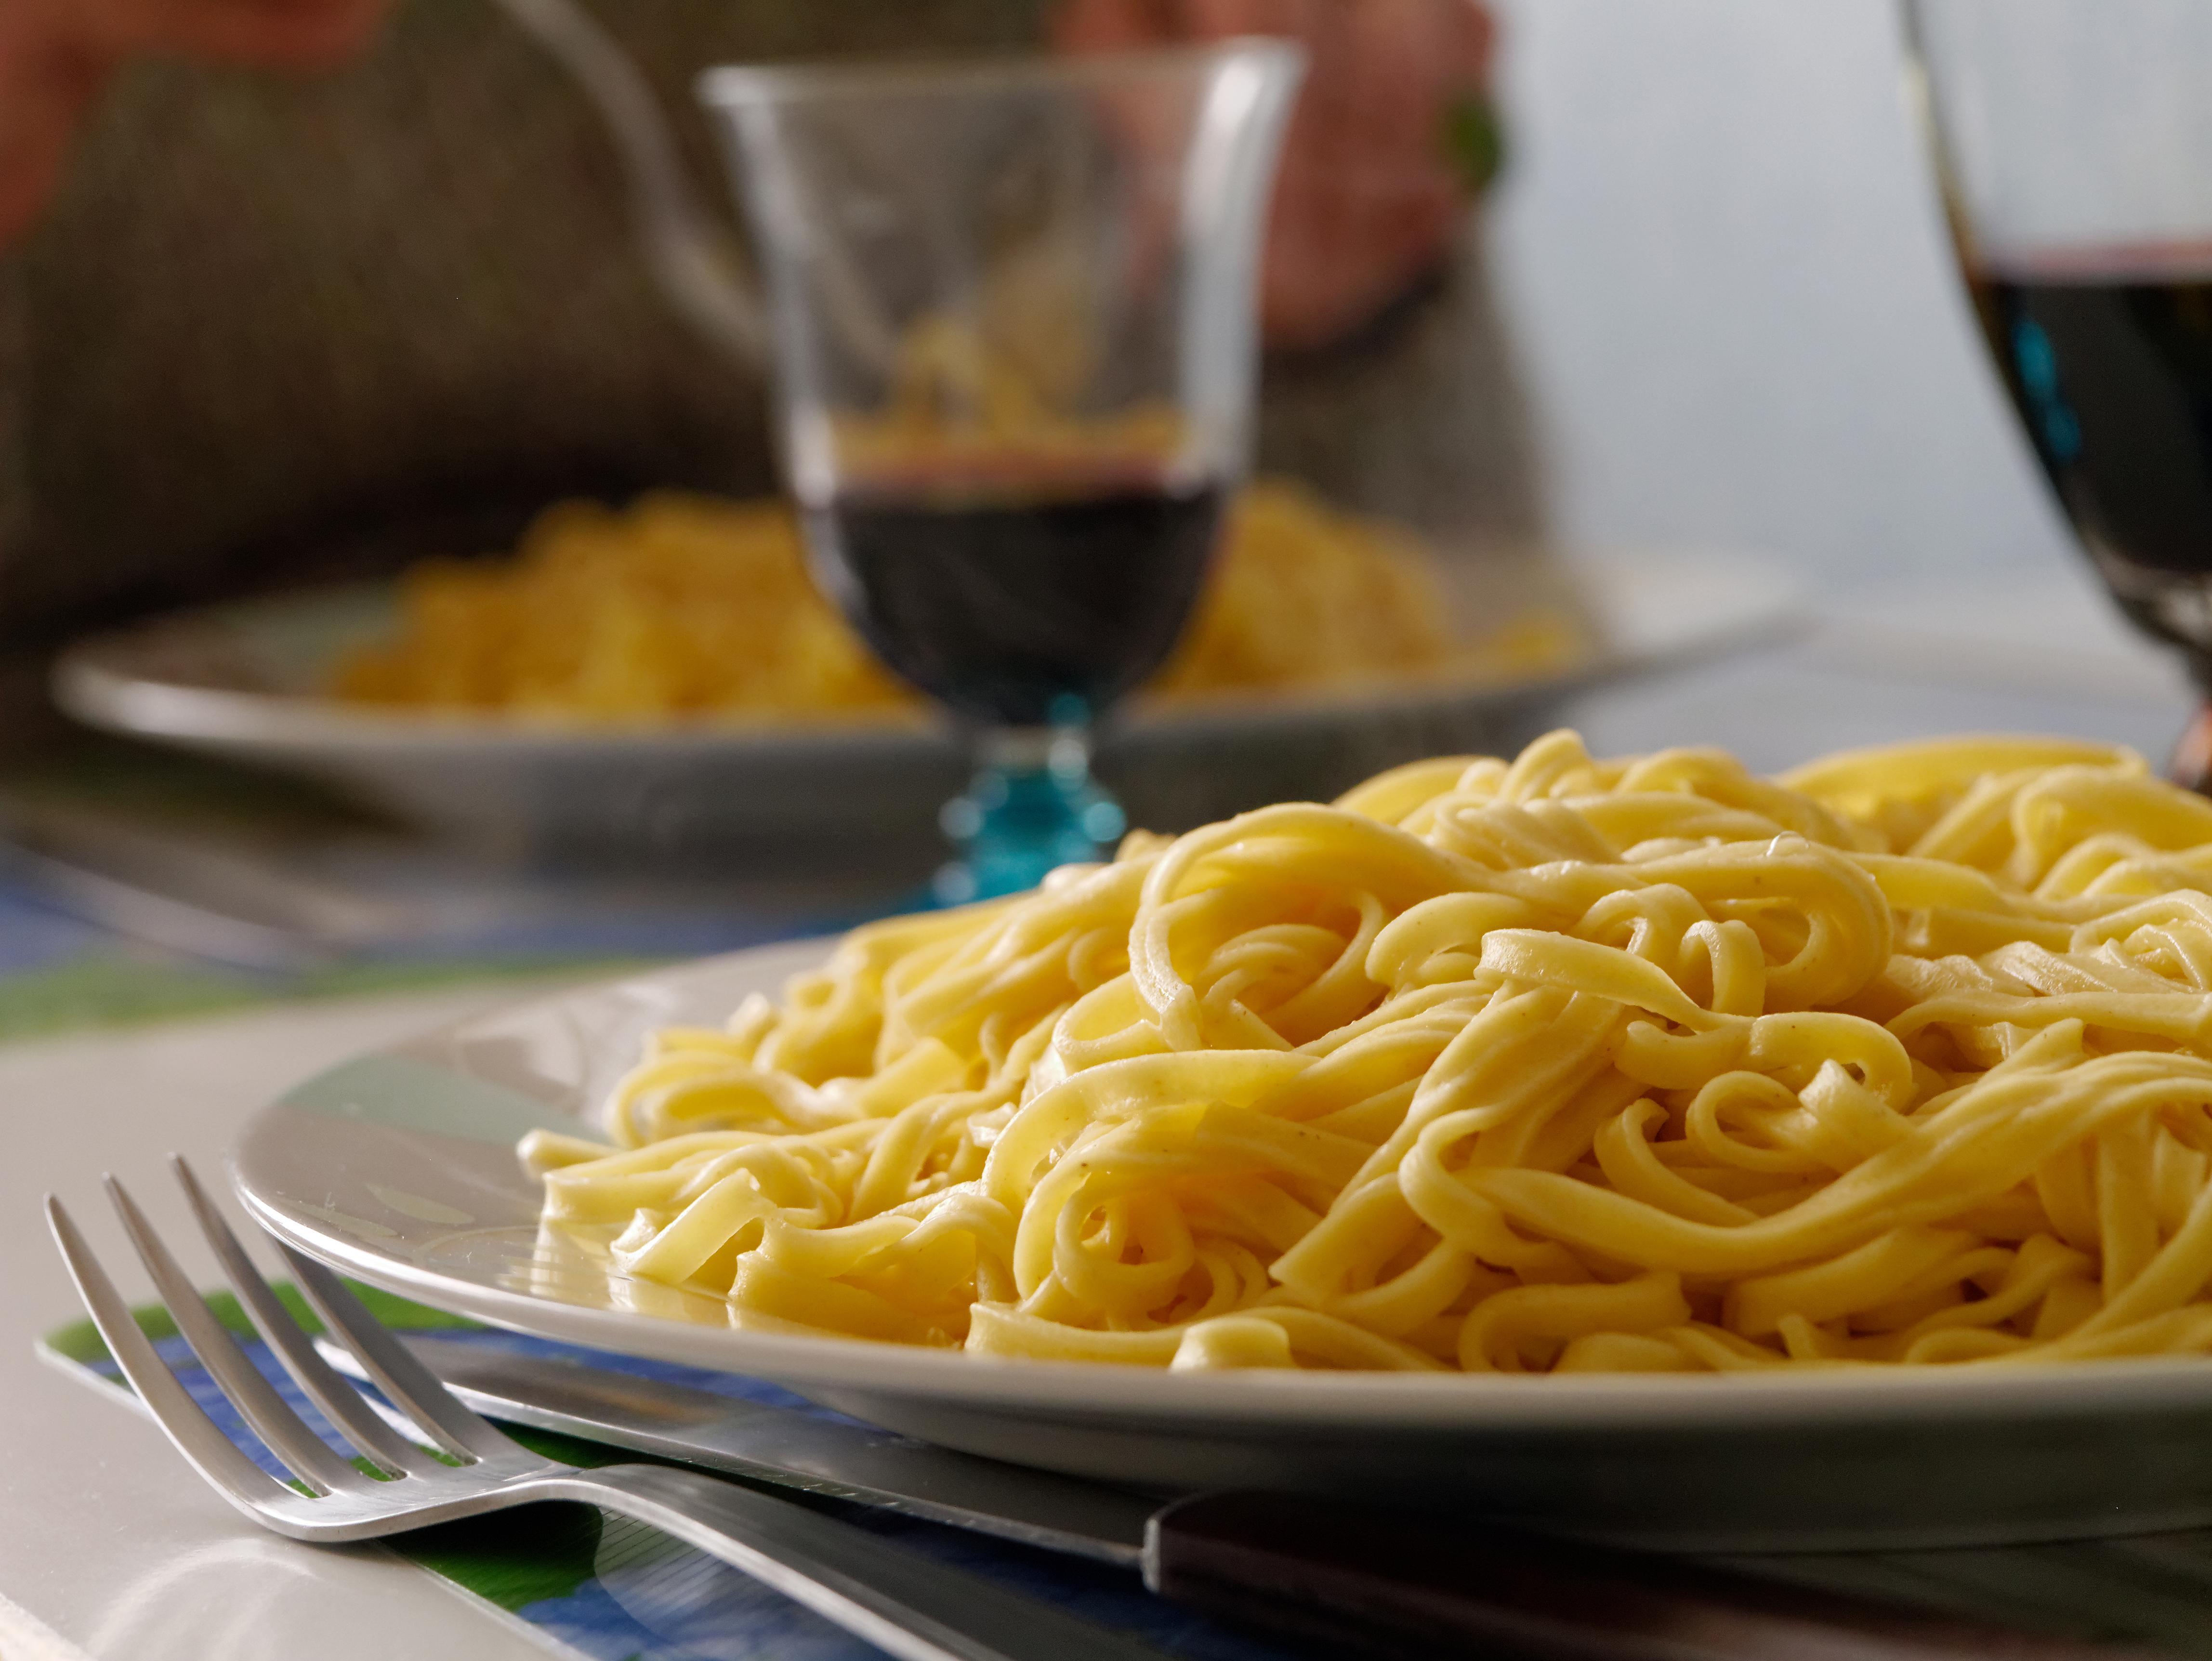 Plato de pasta y vino italiano